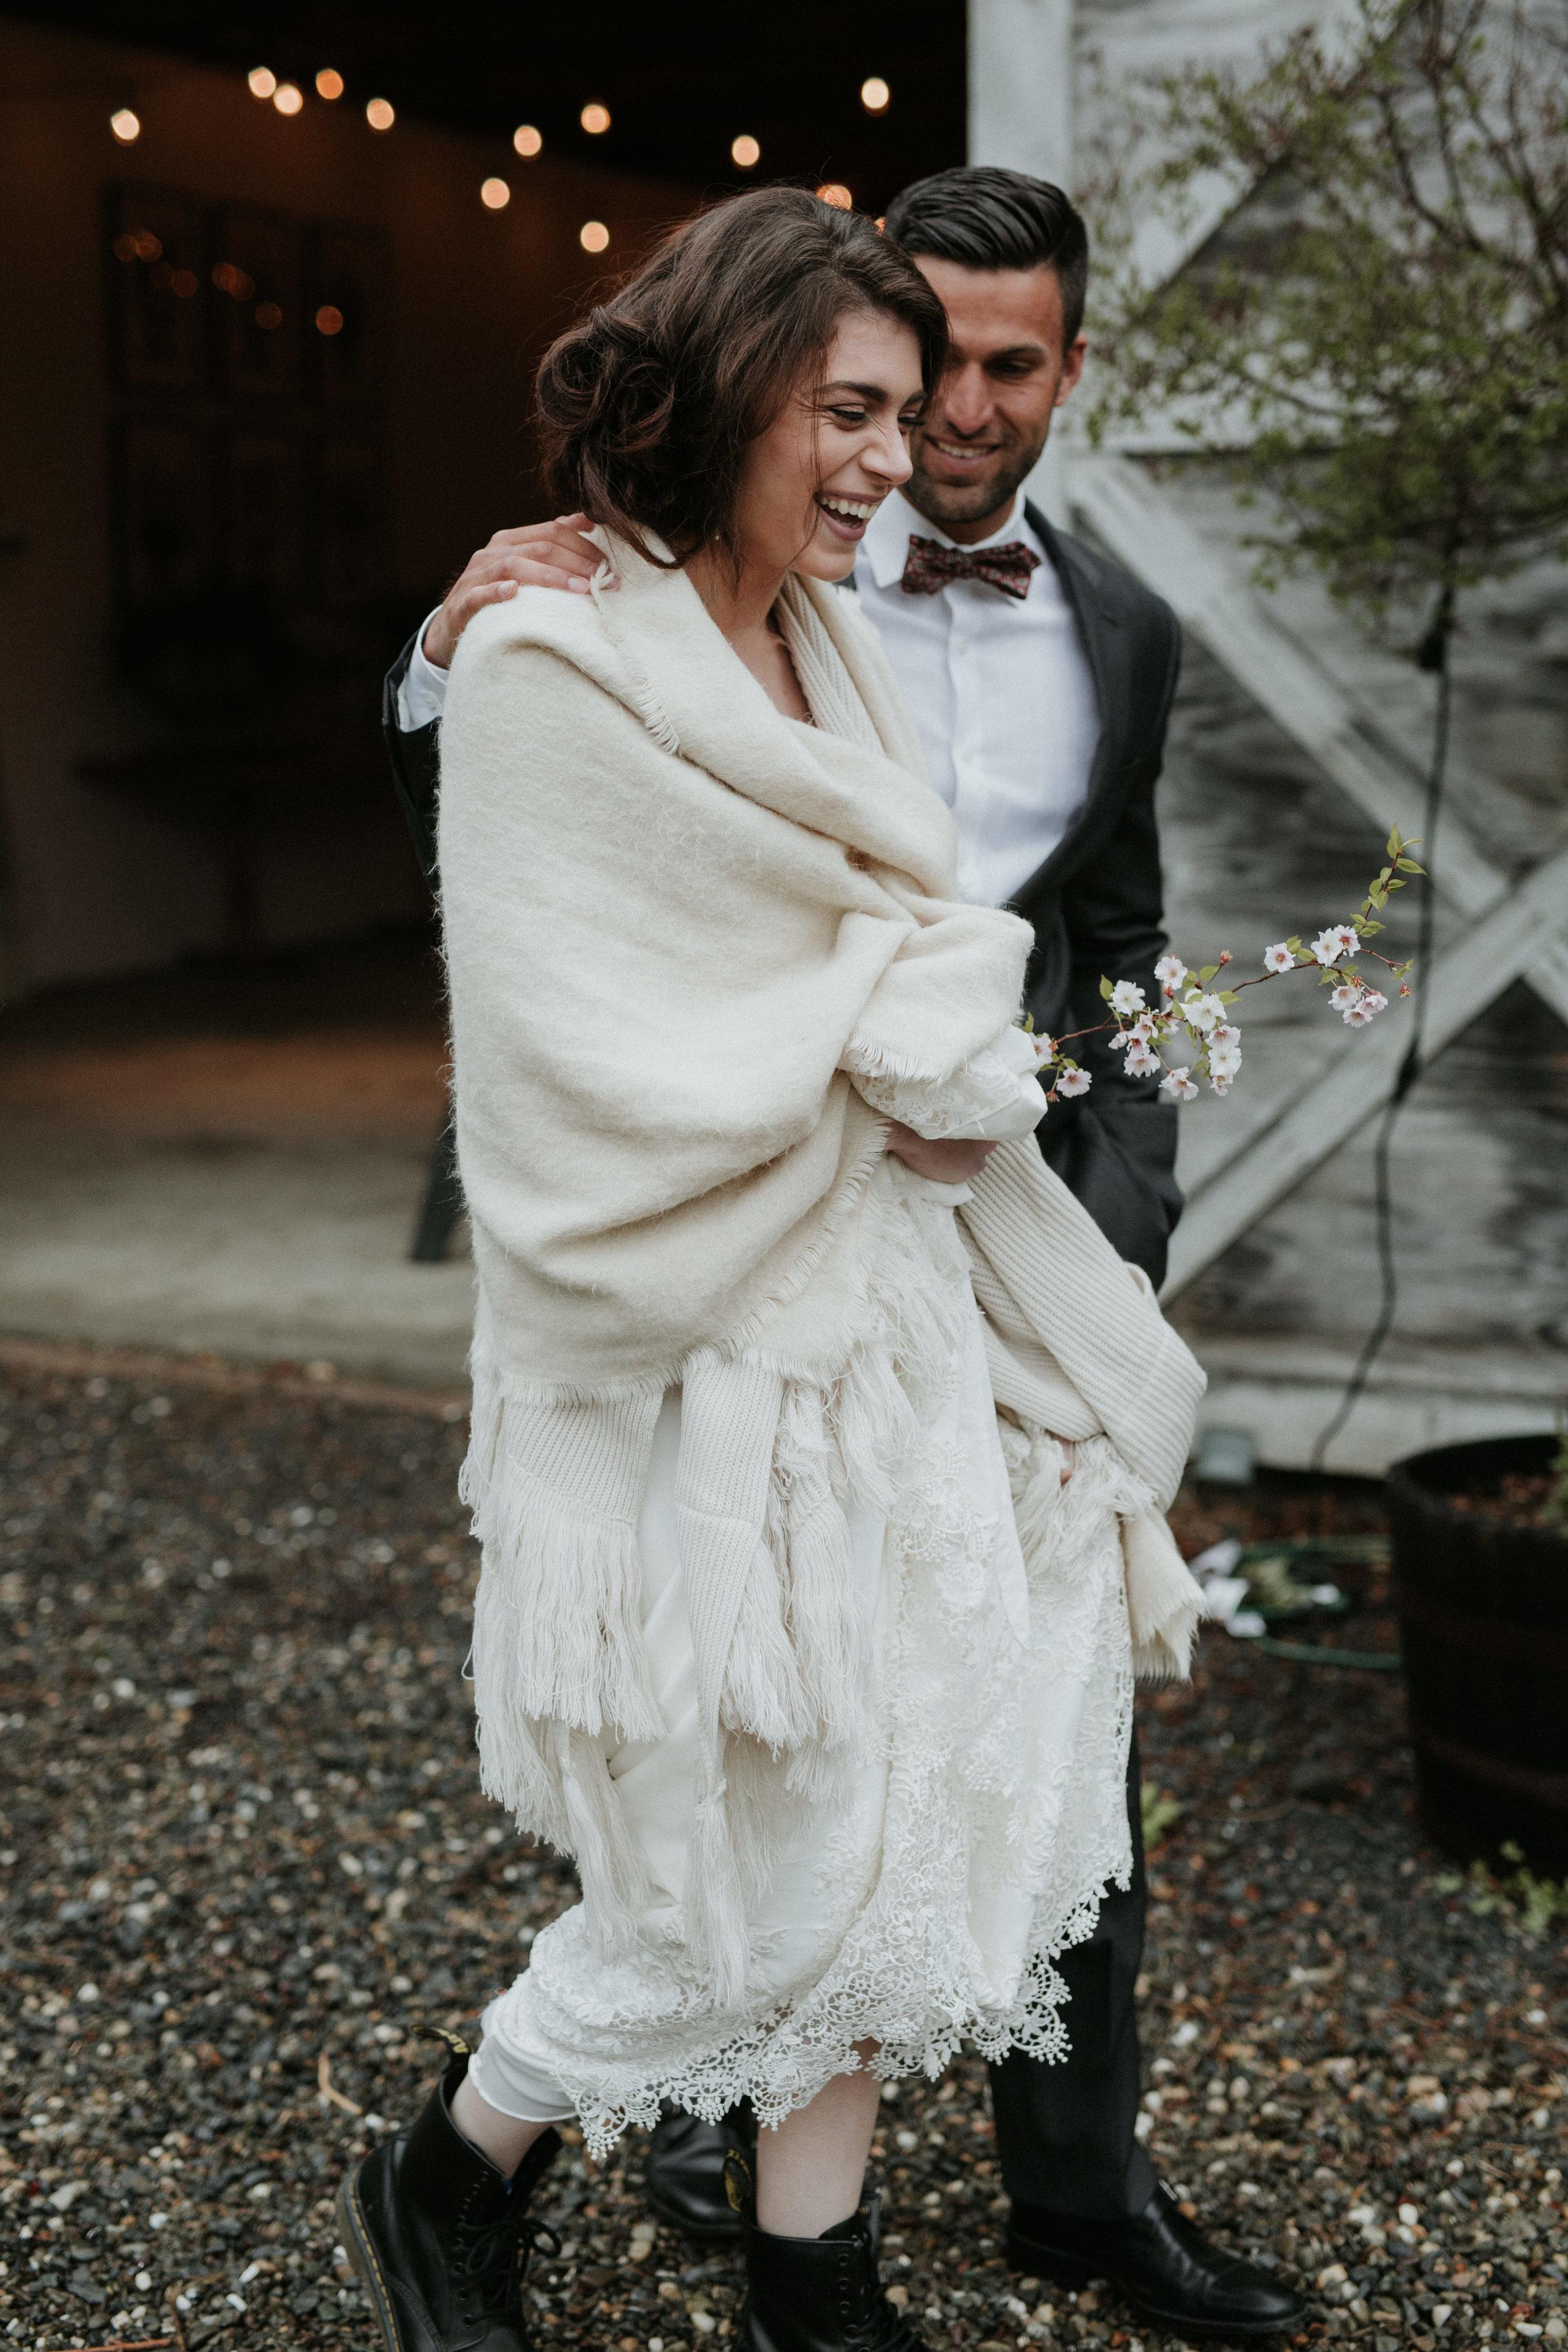 mnd_farm_westerlo_wedding0037.JPG